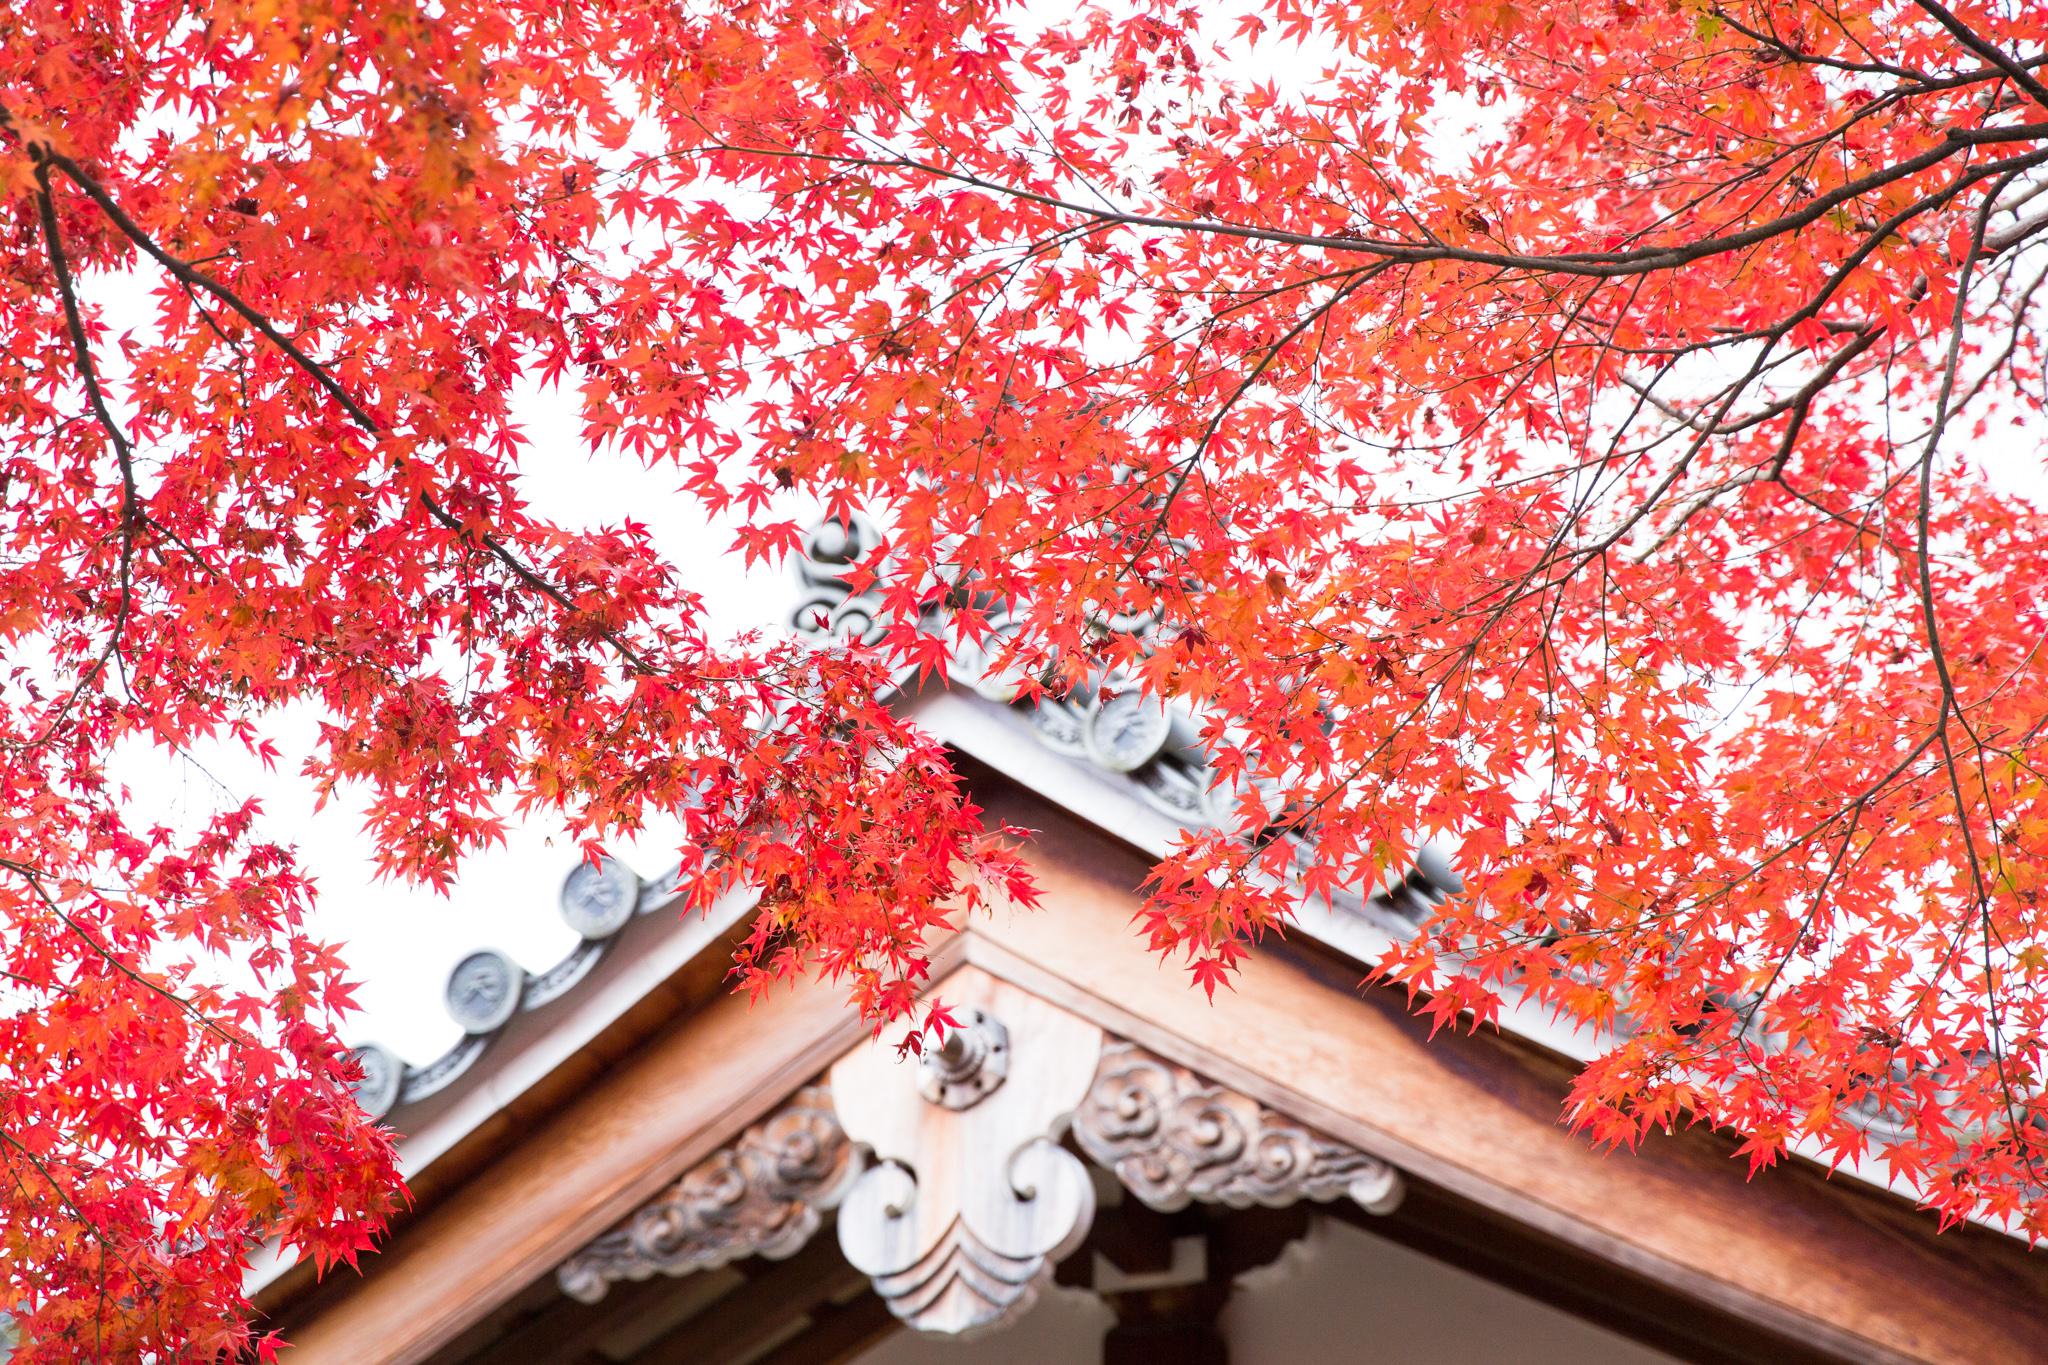 4868-japan-nature-autumn-colors.jpg